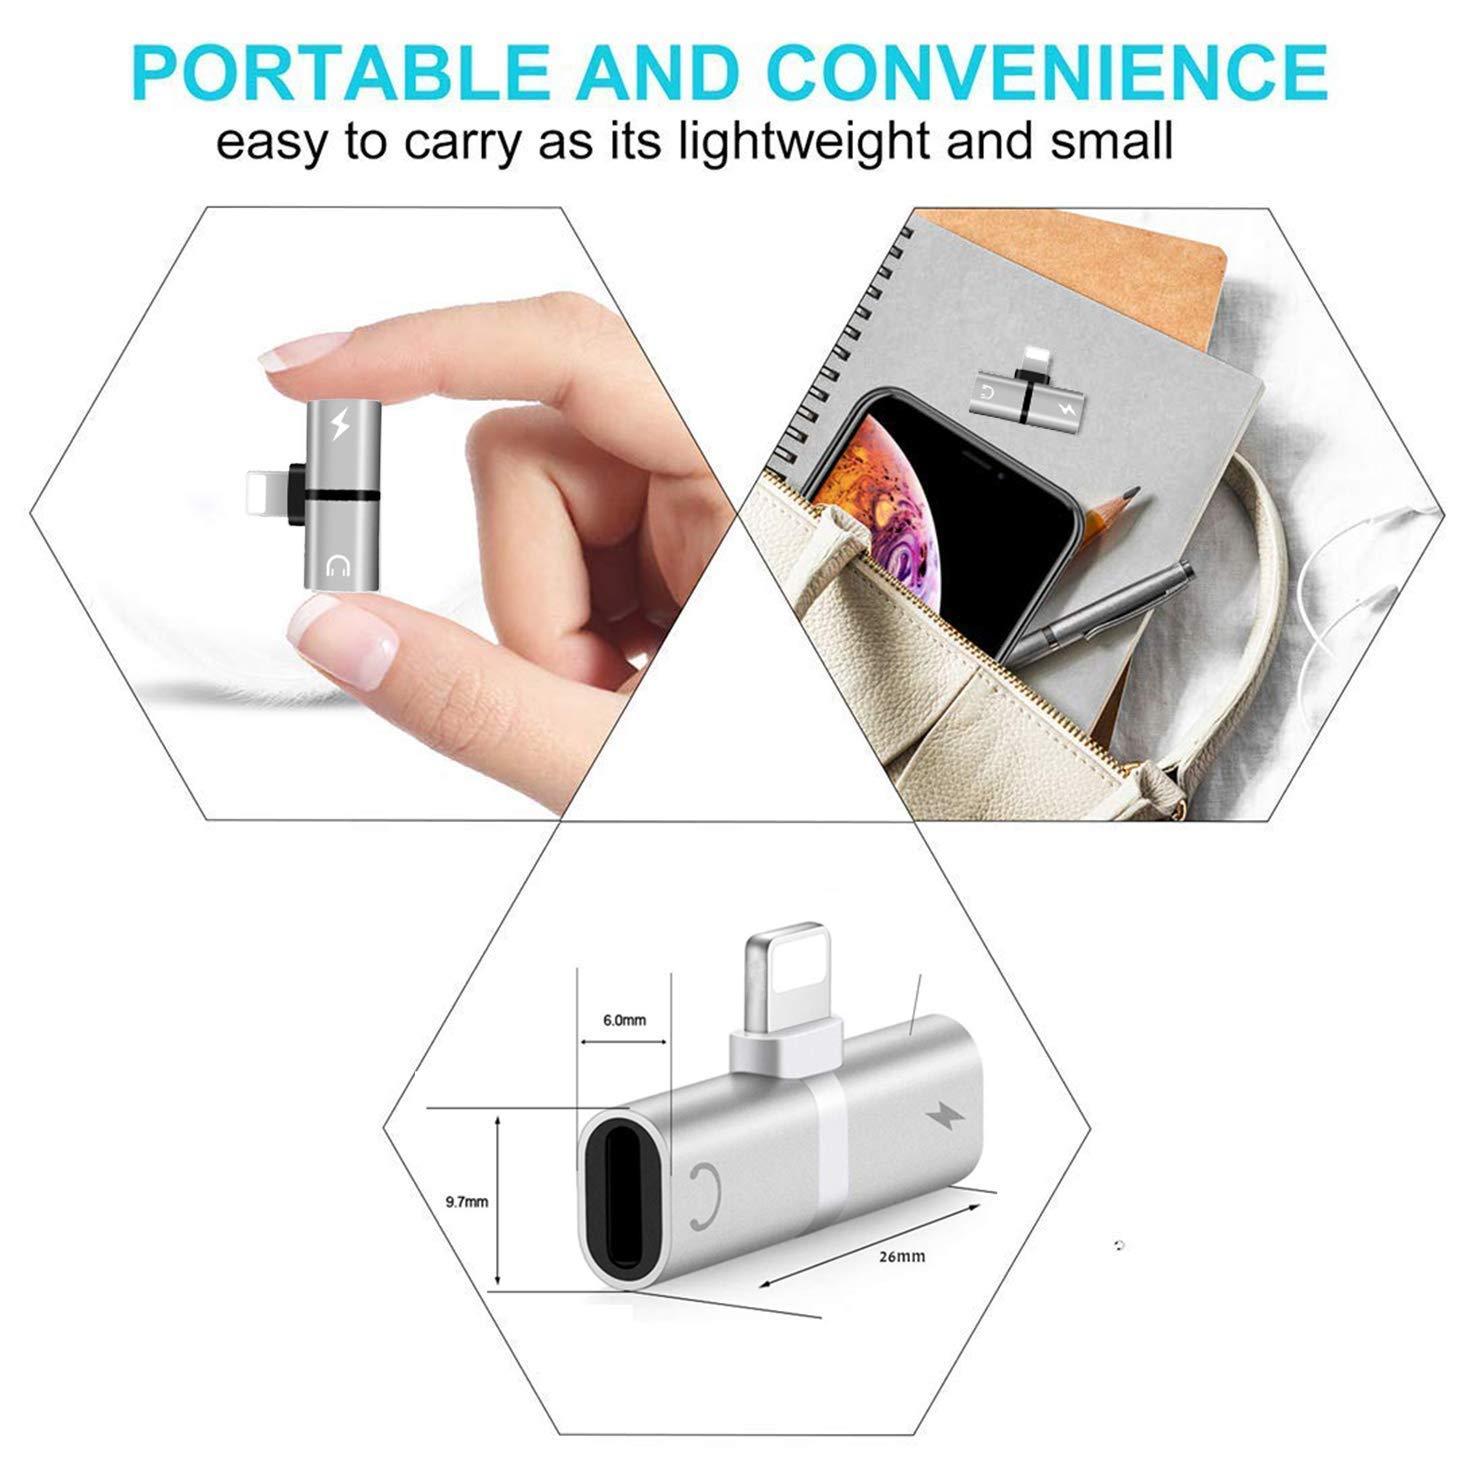 Compatibilidad con el convertidor de Accesorios para Auriculares Mini para Todos los Dispositivos iOS Adaptador de Auriculares para iPhoneX//XS//XR//8//8Plus//7Plus//7 Control de Volumen de Audio